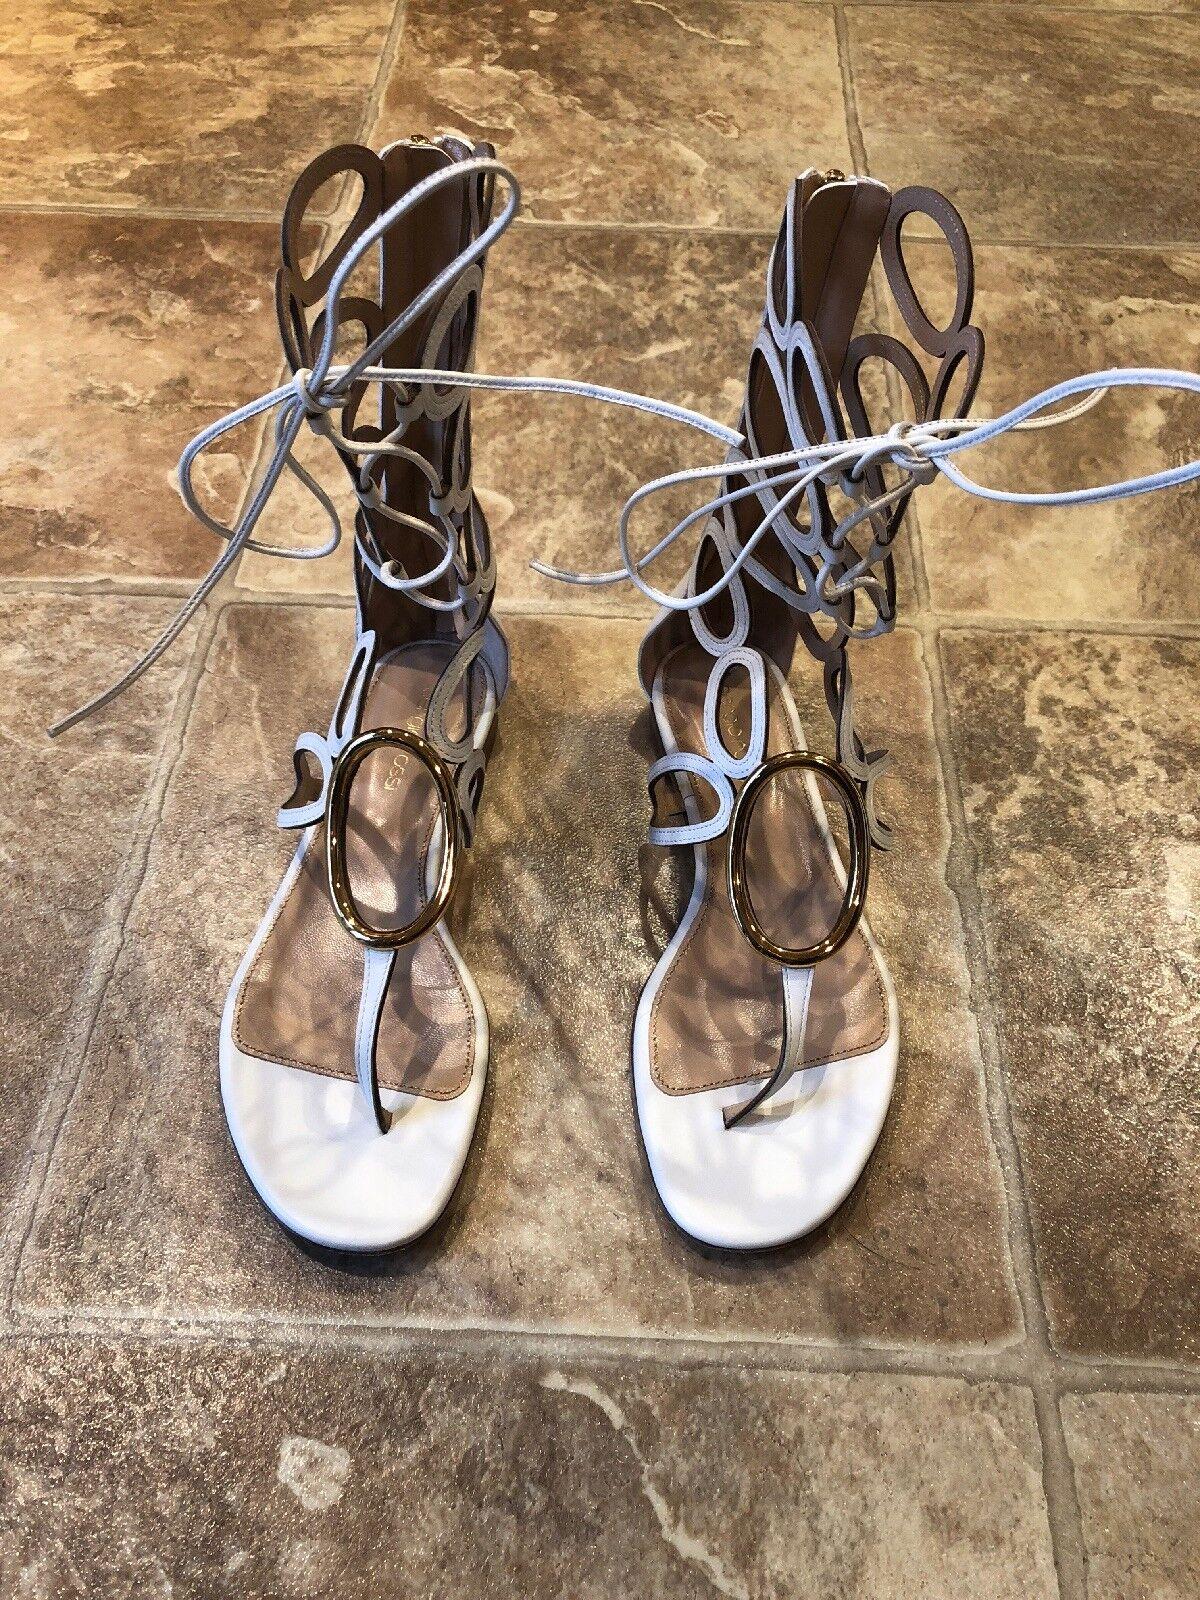 Sergio Rossi Gladiator Sandals, Size 37